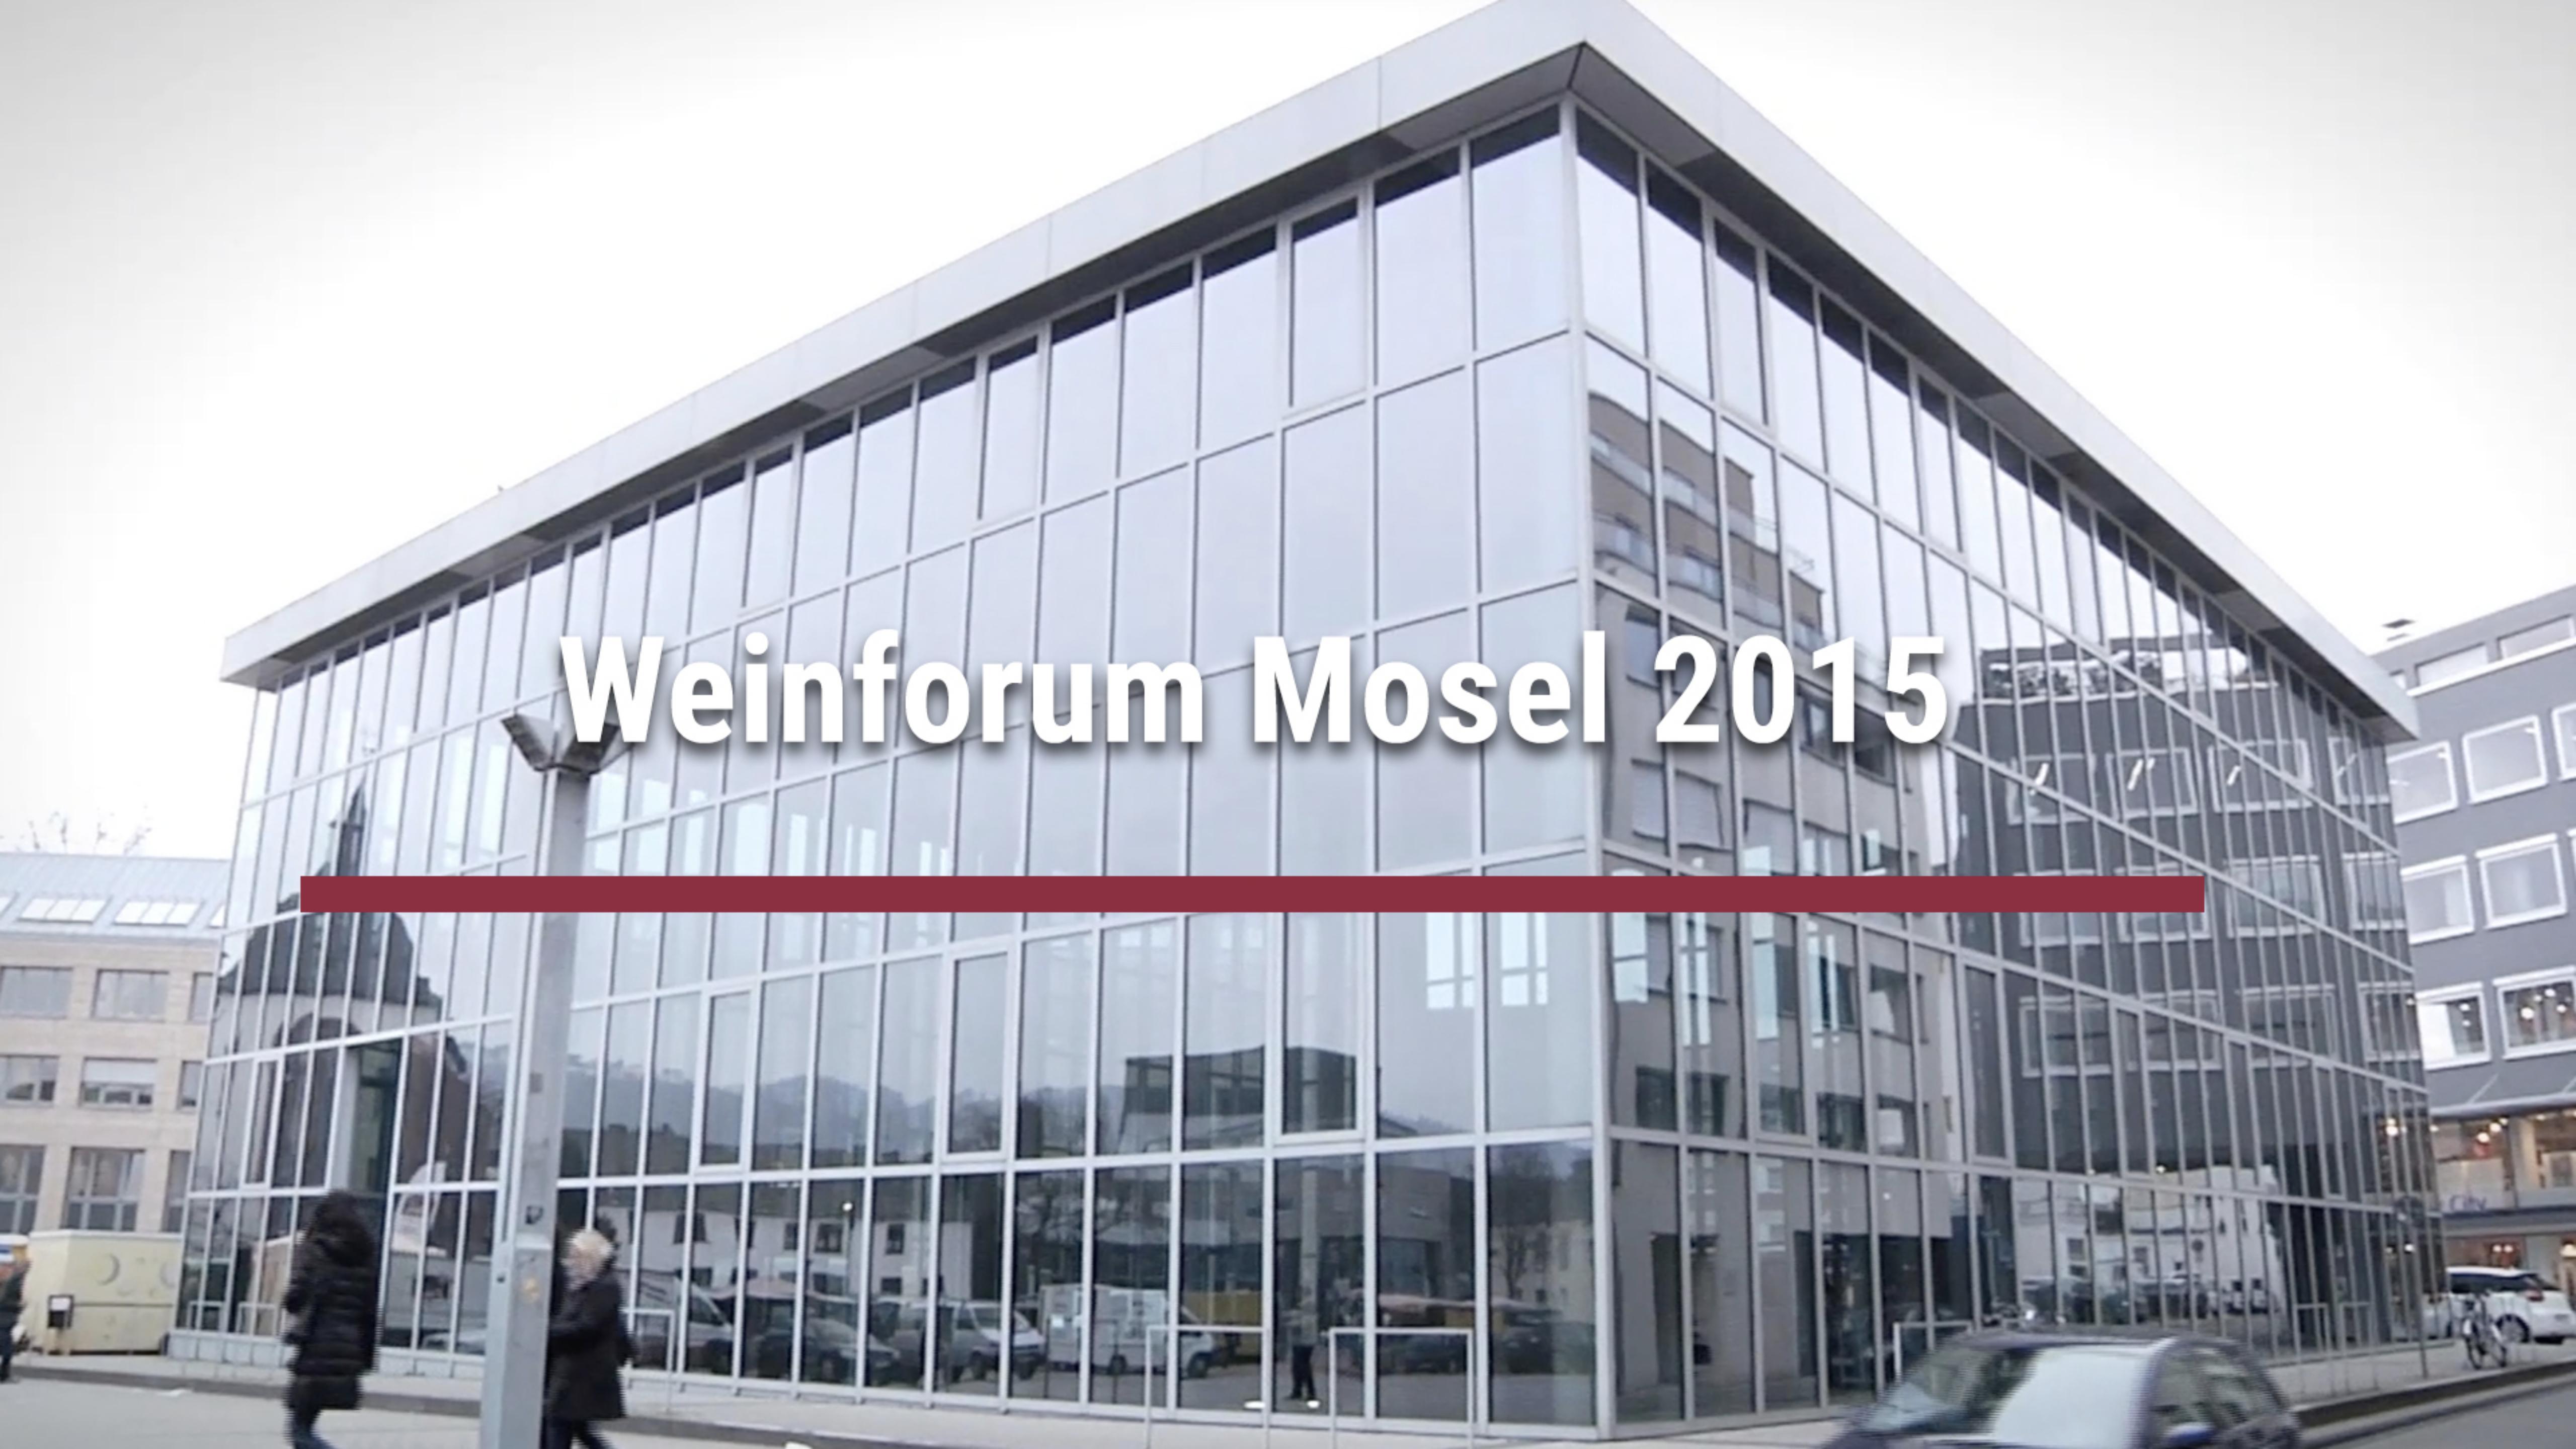 Weinforum Mosel 2015